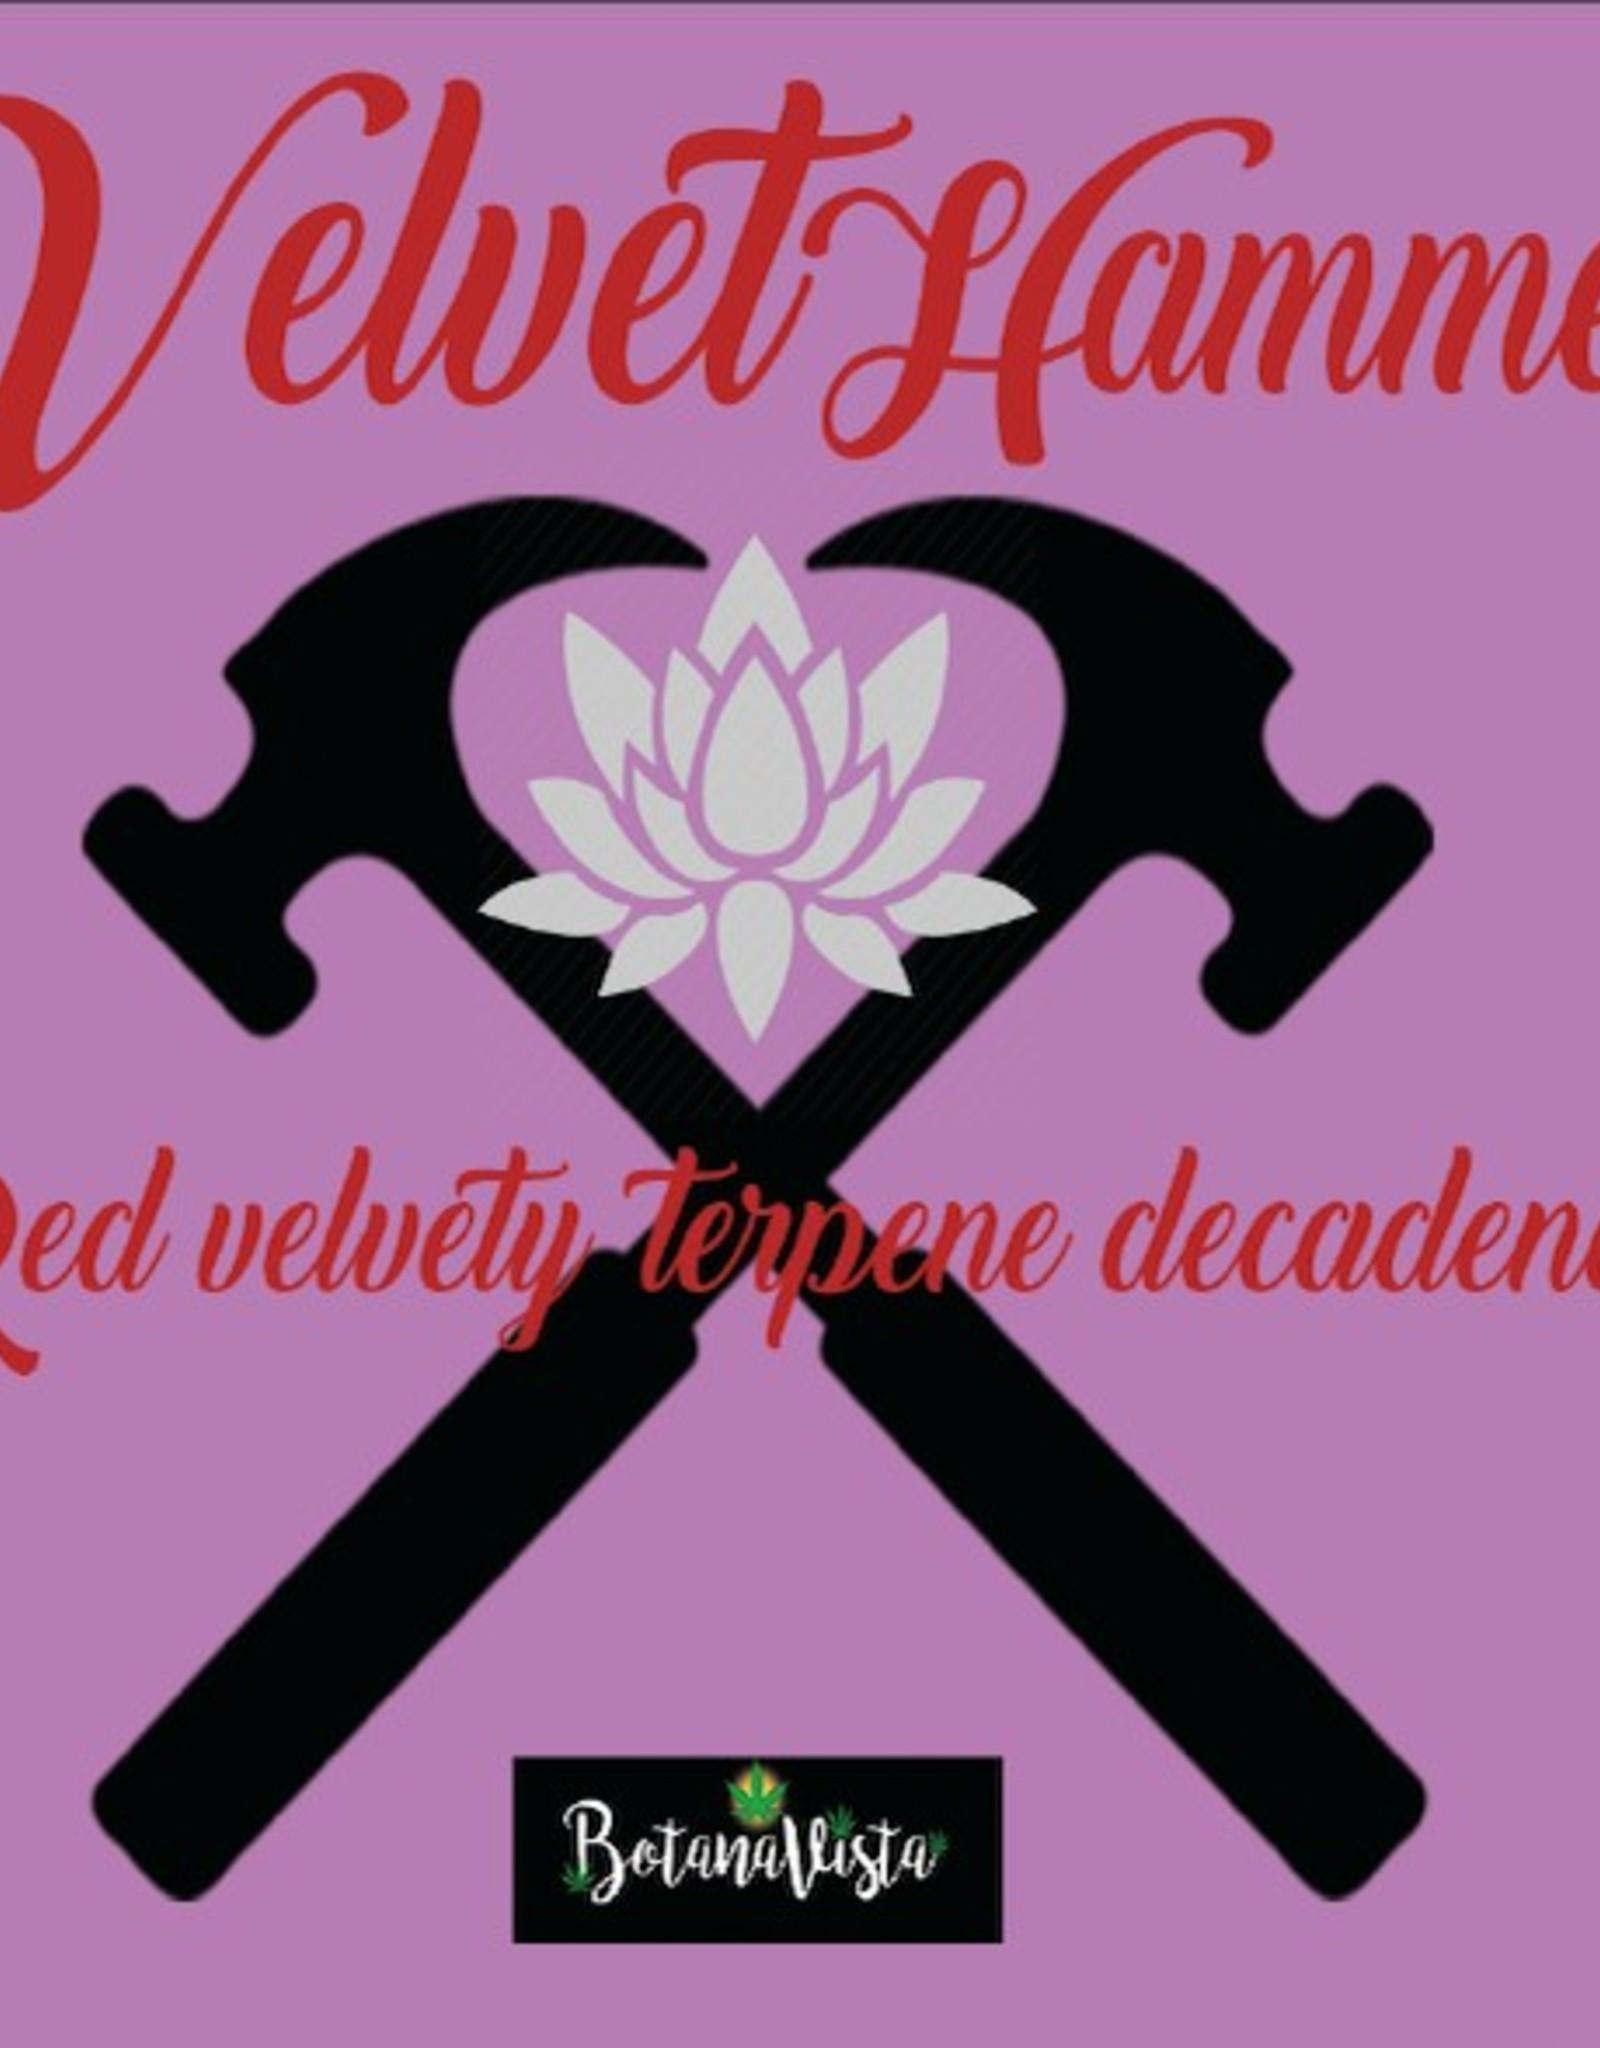 Velvet Hammer - 5 Pack Truffles (Cannabis Common Terpenes)